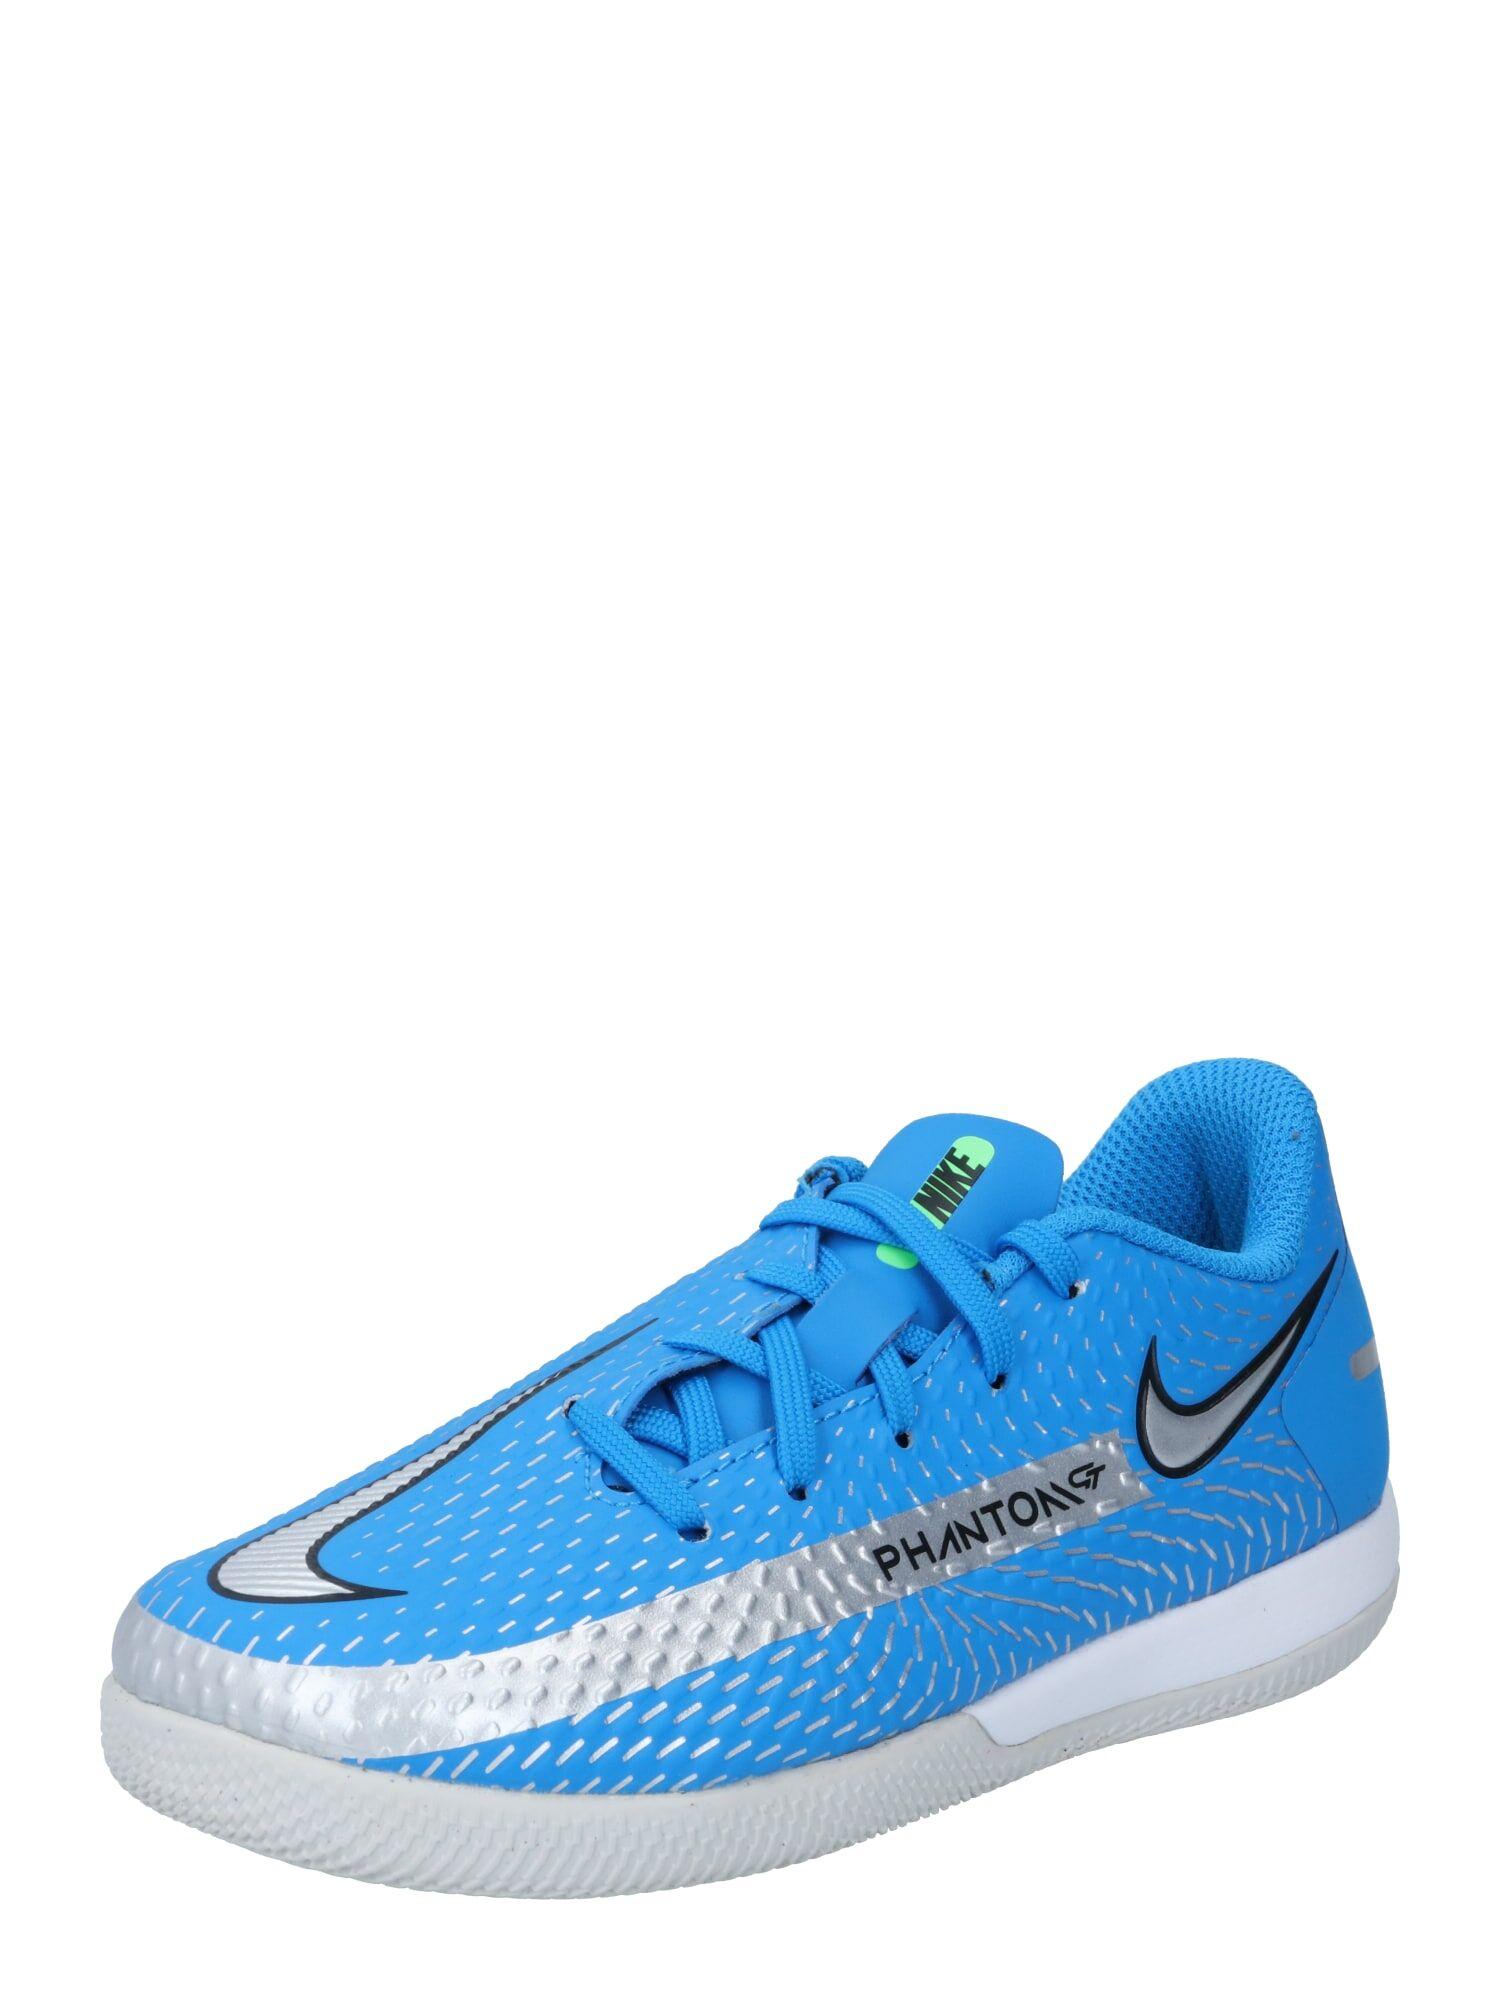 NIKE Chaussure de sport 'Phantom'  - Bleu - Taille: 10C - boy